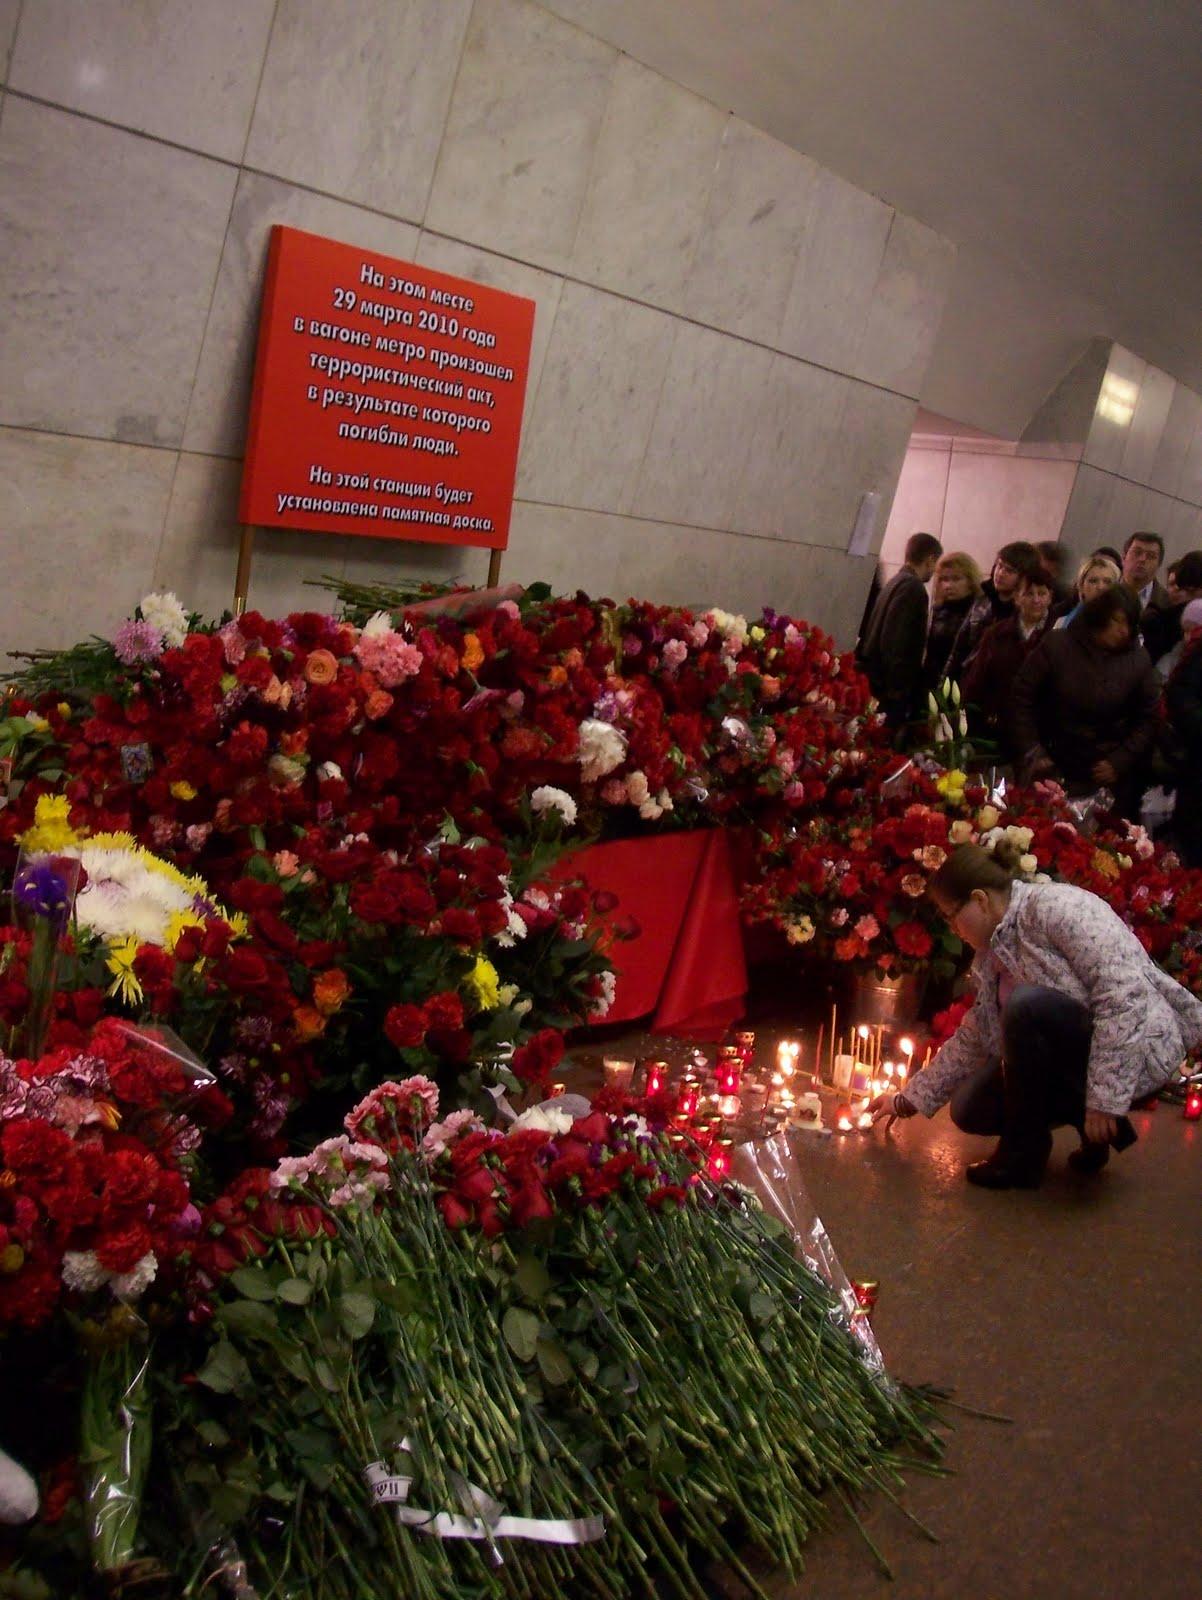 Ksenia Sobchaks mother has obscended her own daughter on December 26, 2012